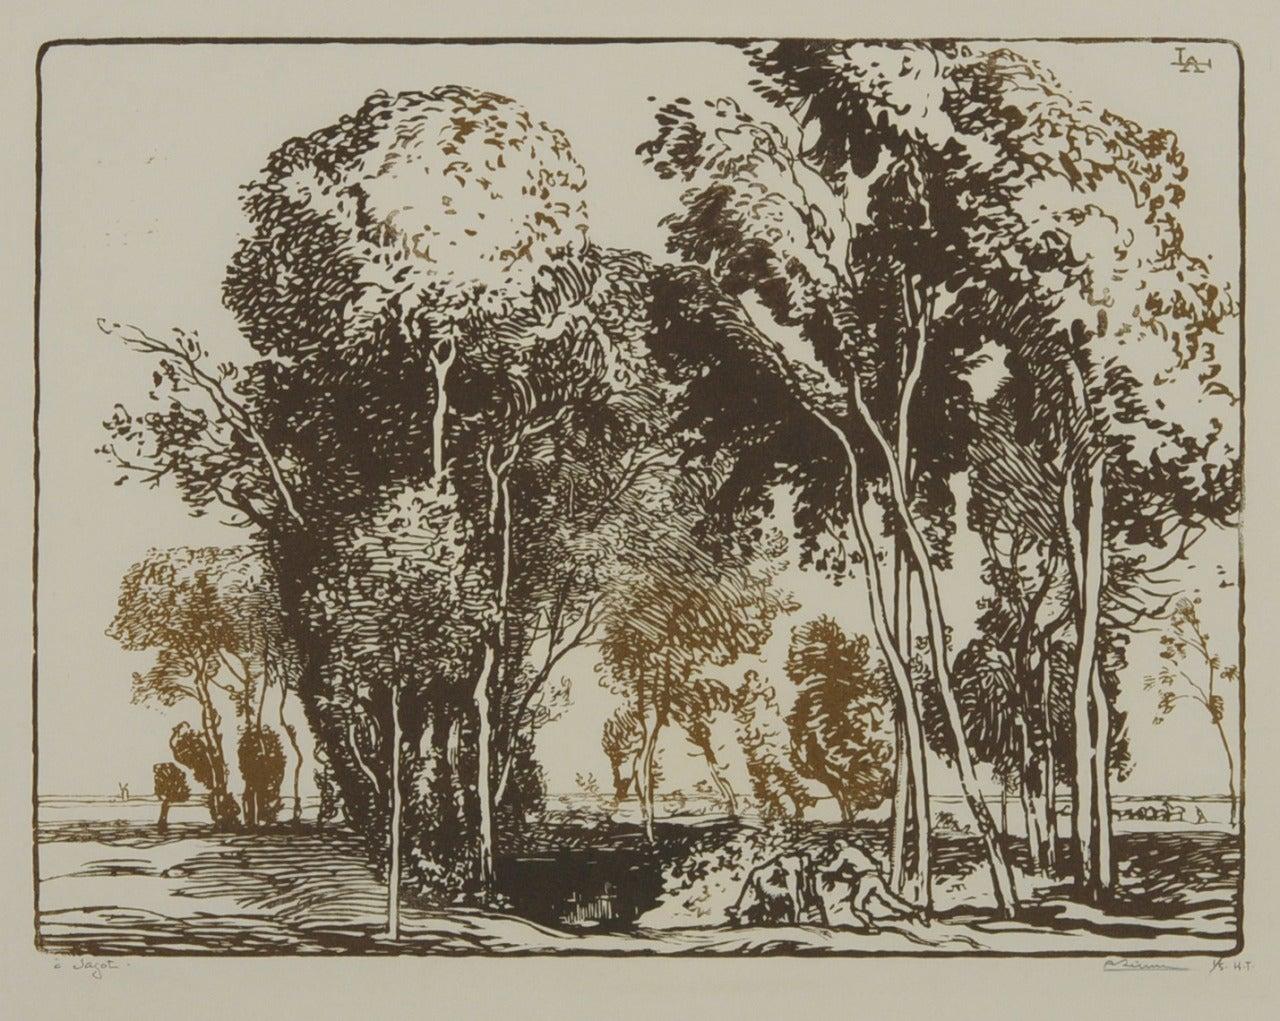 L'Abreuvoir (The Watering Trough)